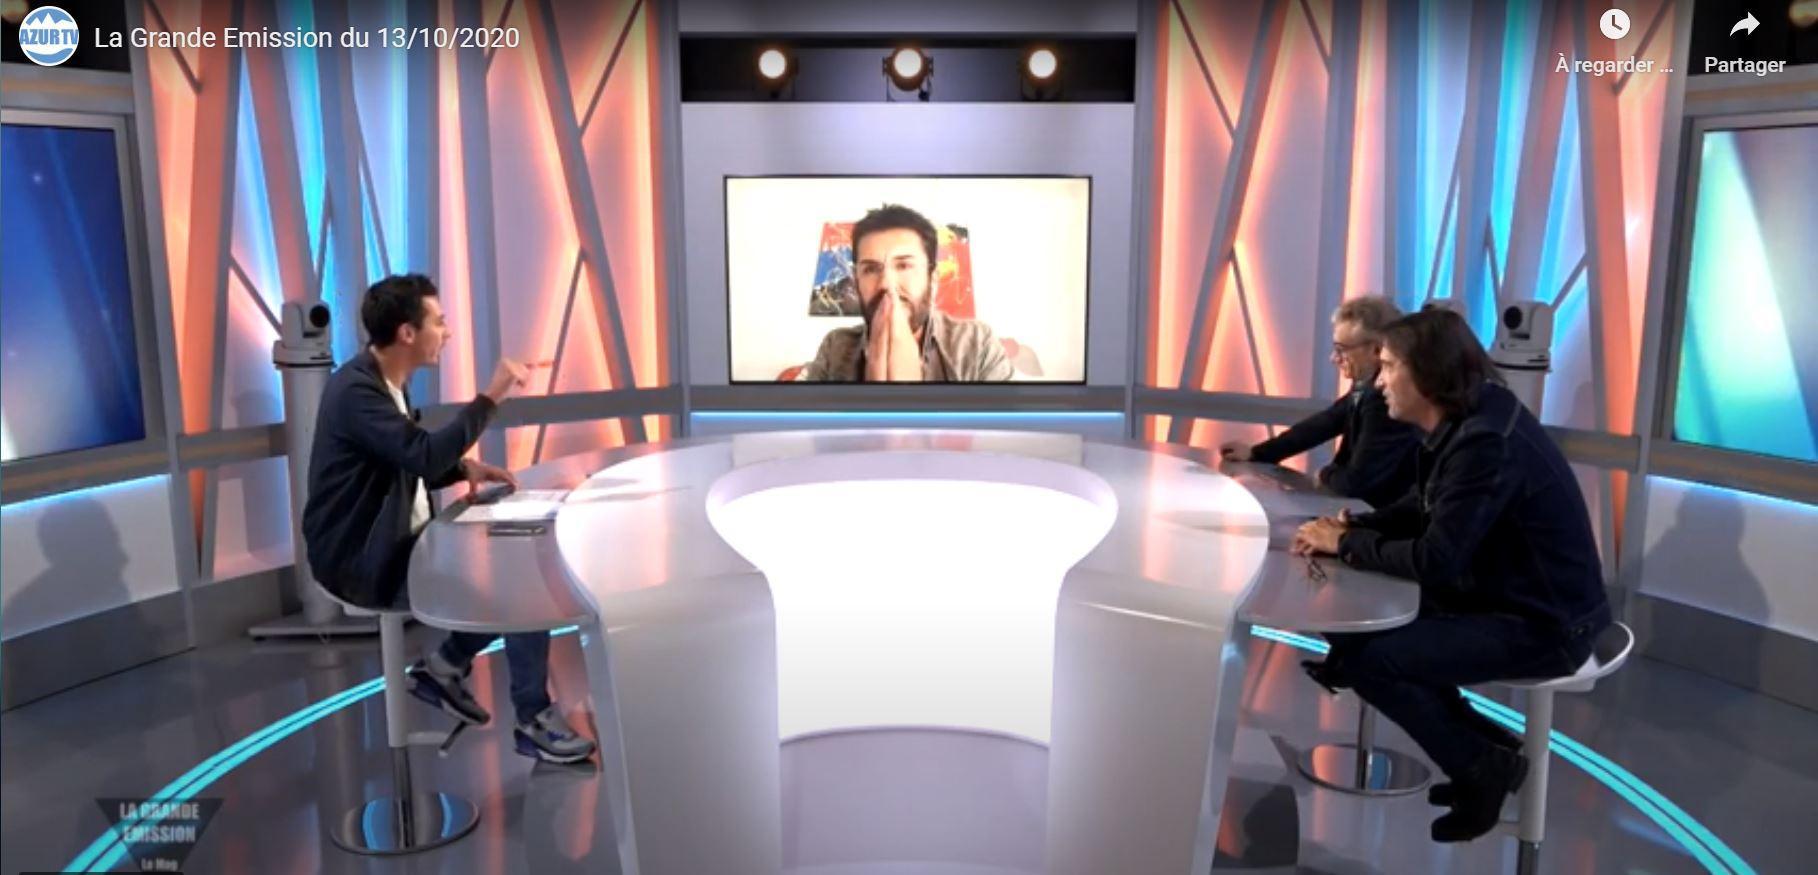 Stephane lecouturier en direct sur la grande emission tv azur